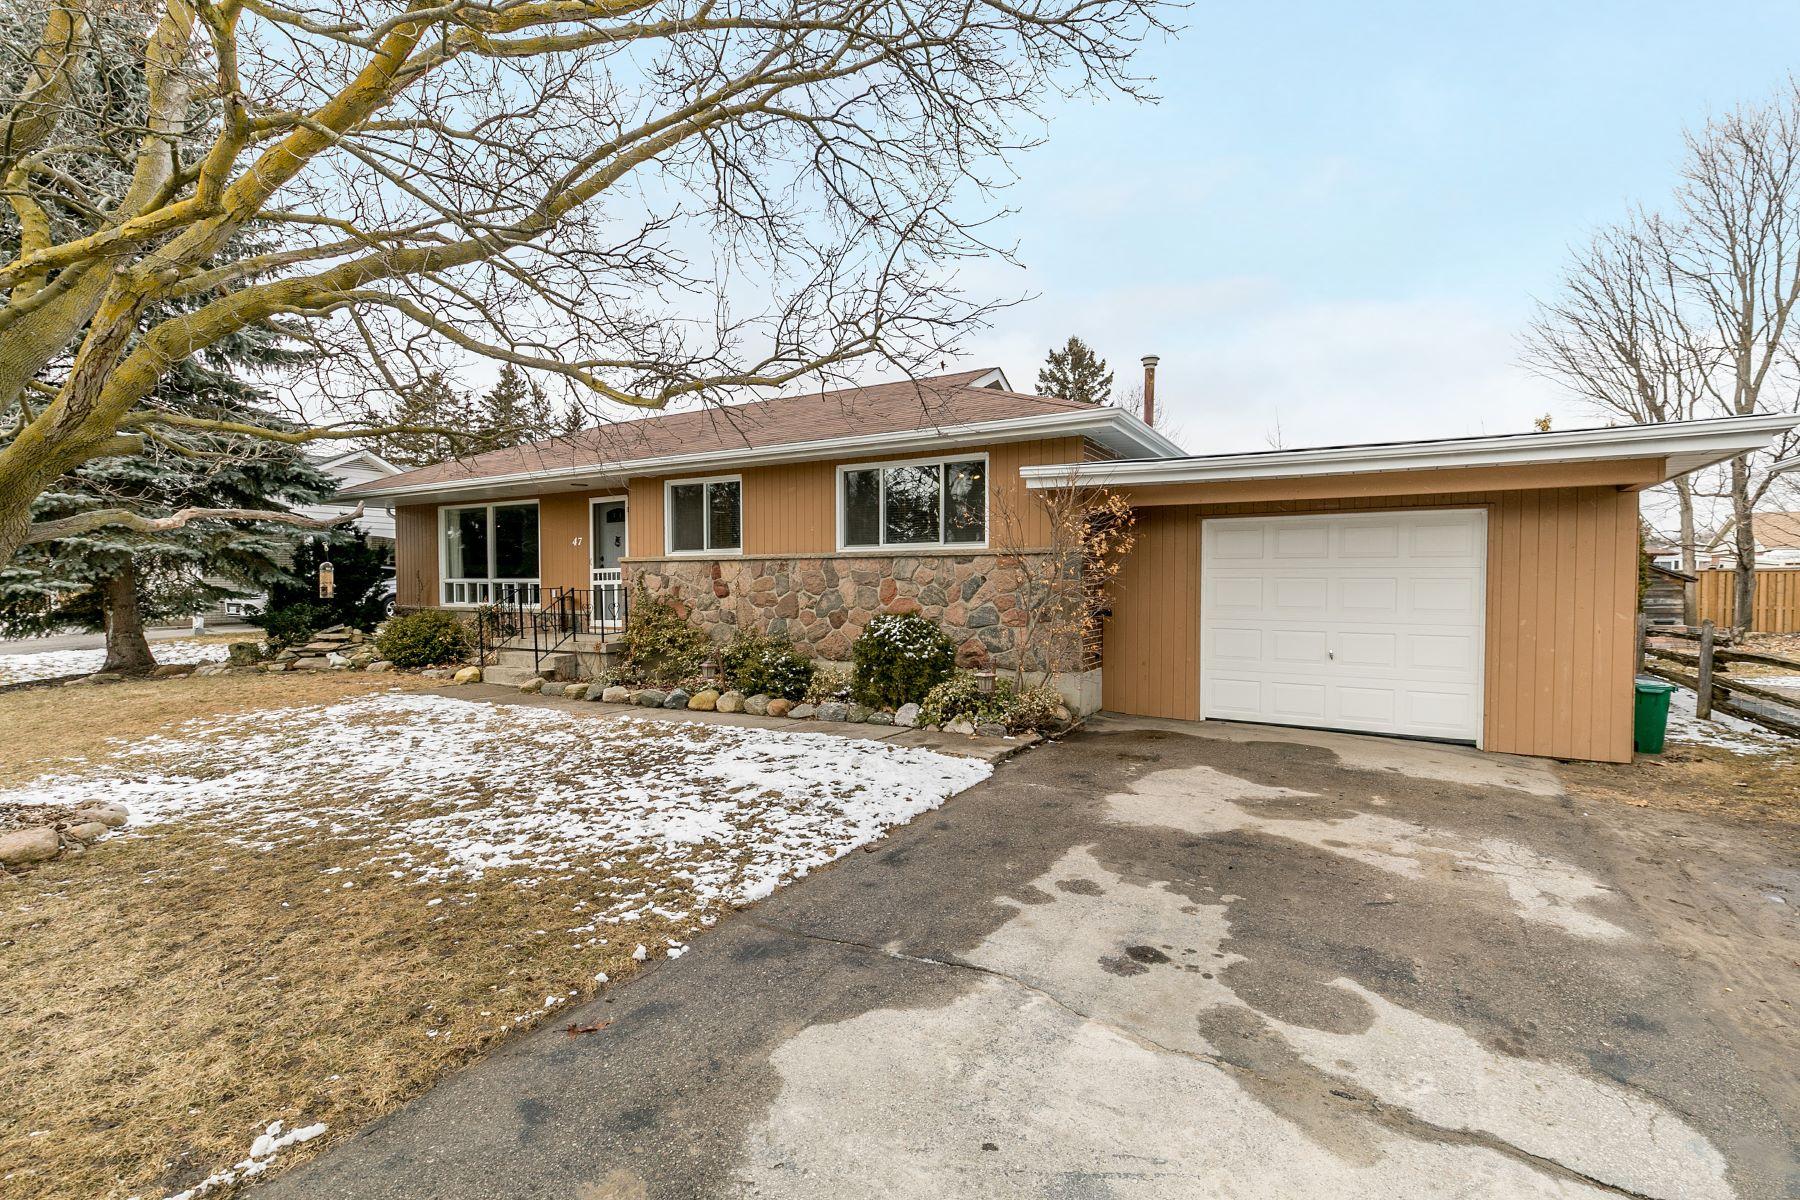 واحد منزل الأسرة للـ Sale في Great Family Neighbourhood 47 Colbeck Cres, New Tecumseth, Ontario, L9R 1B7 Canada